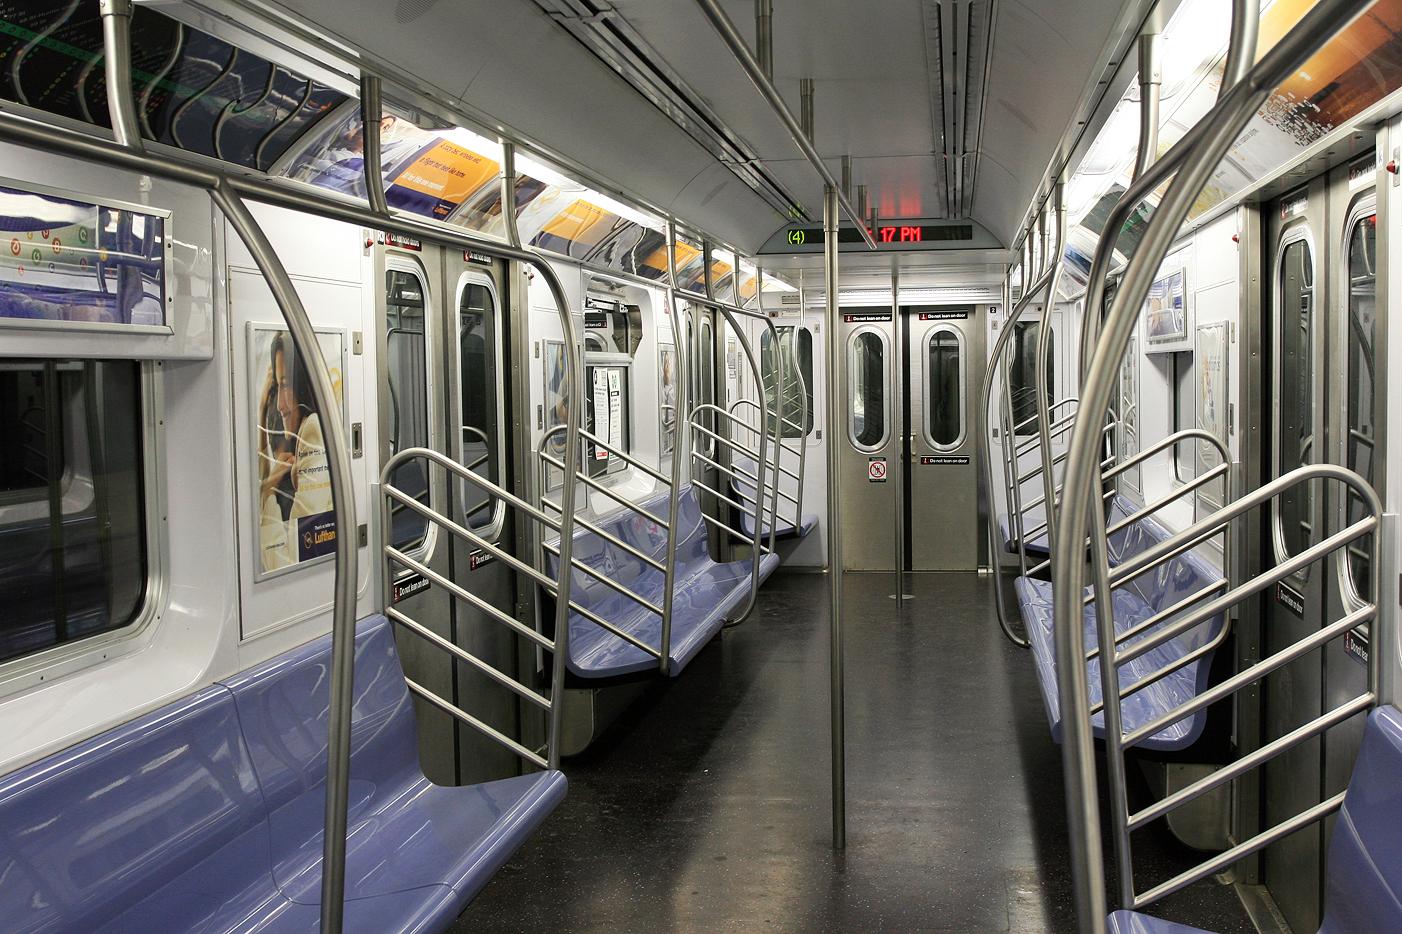 7777777 car service new york ny subway